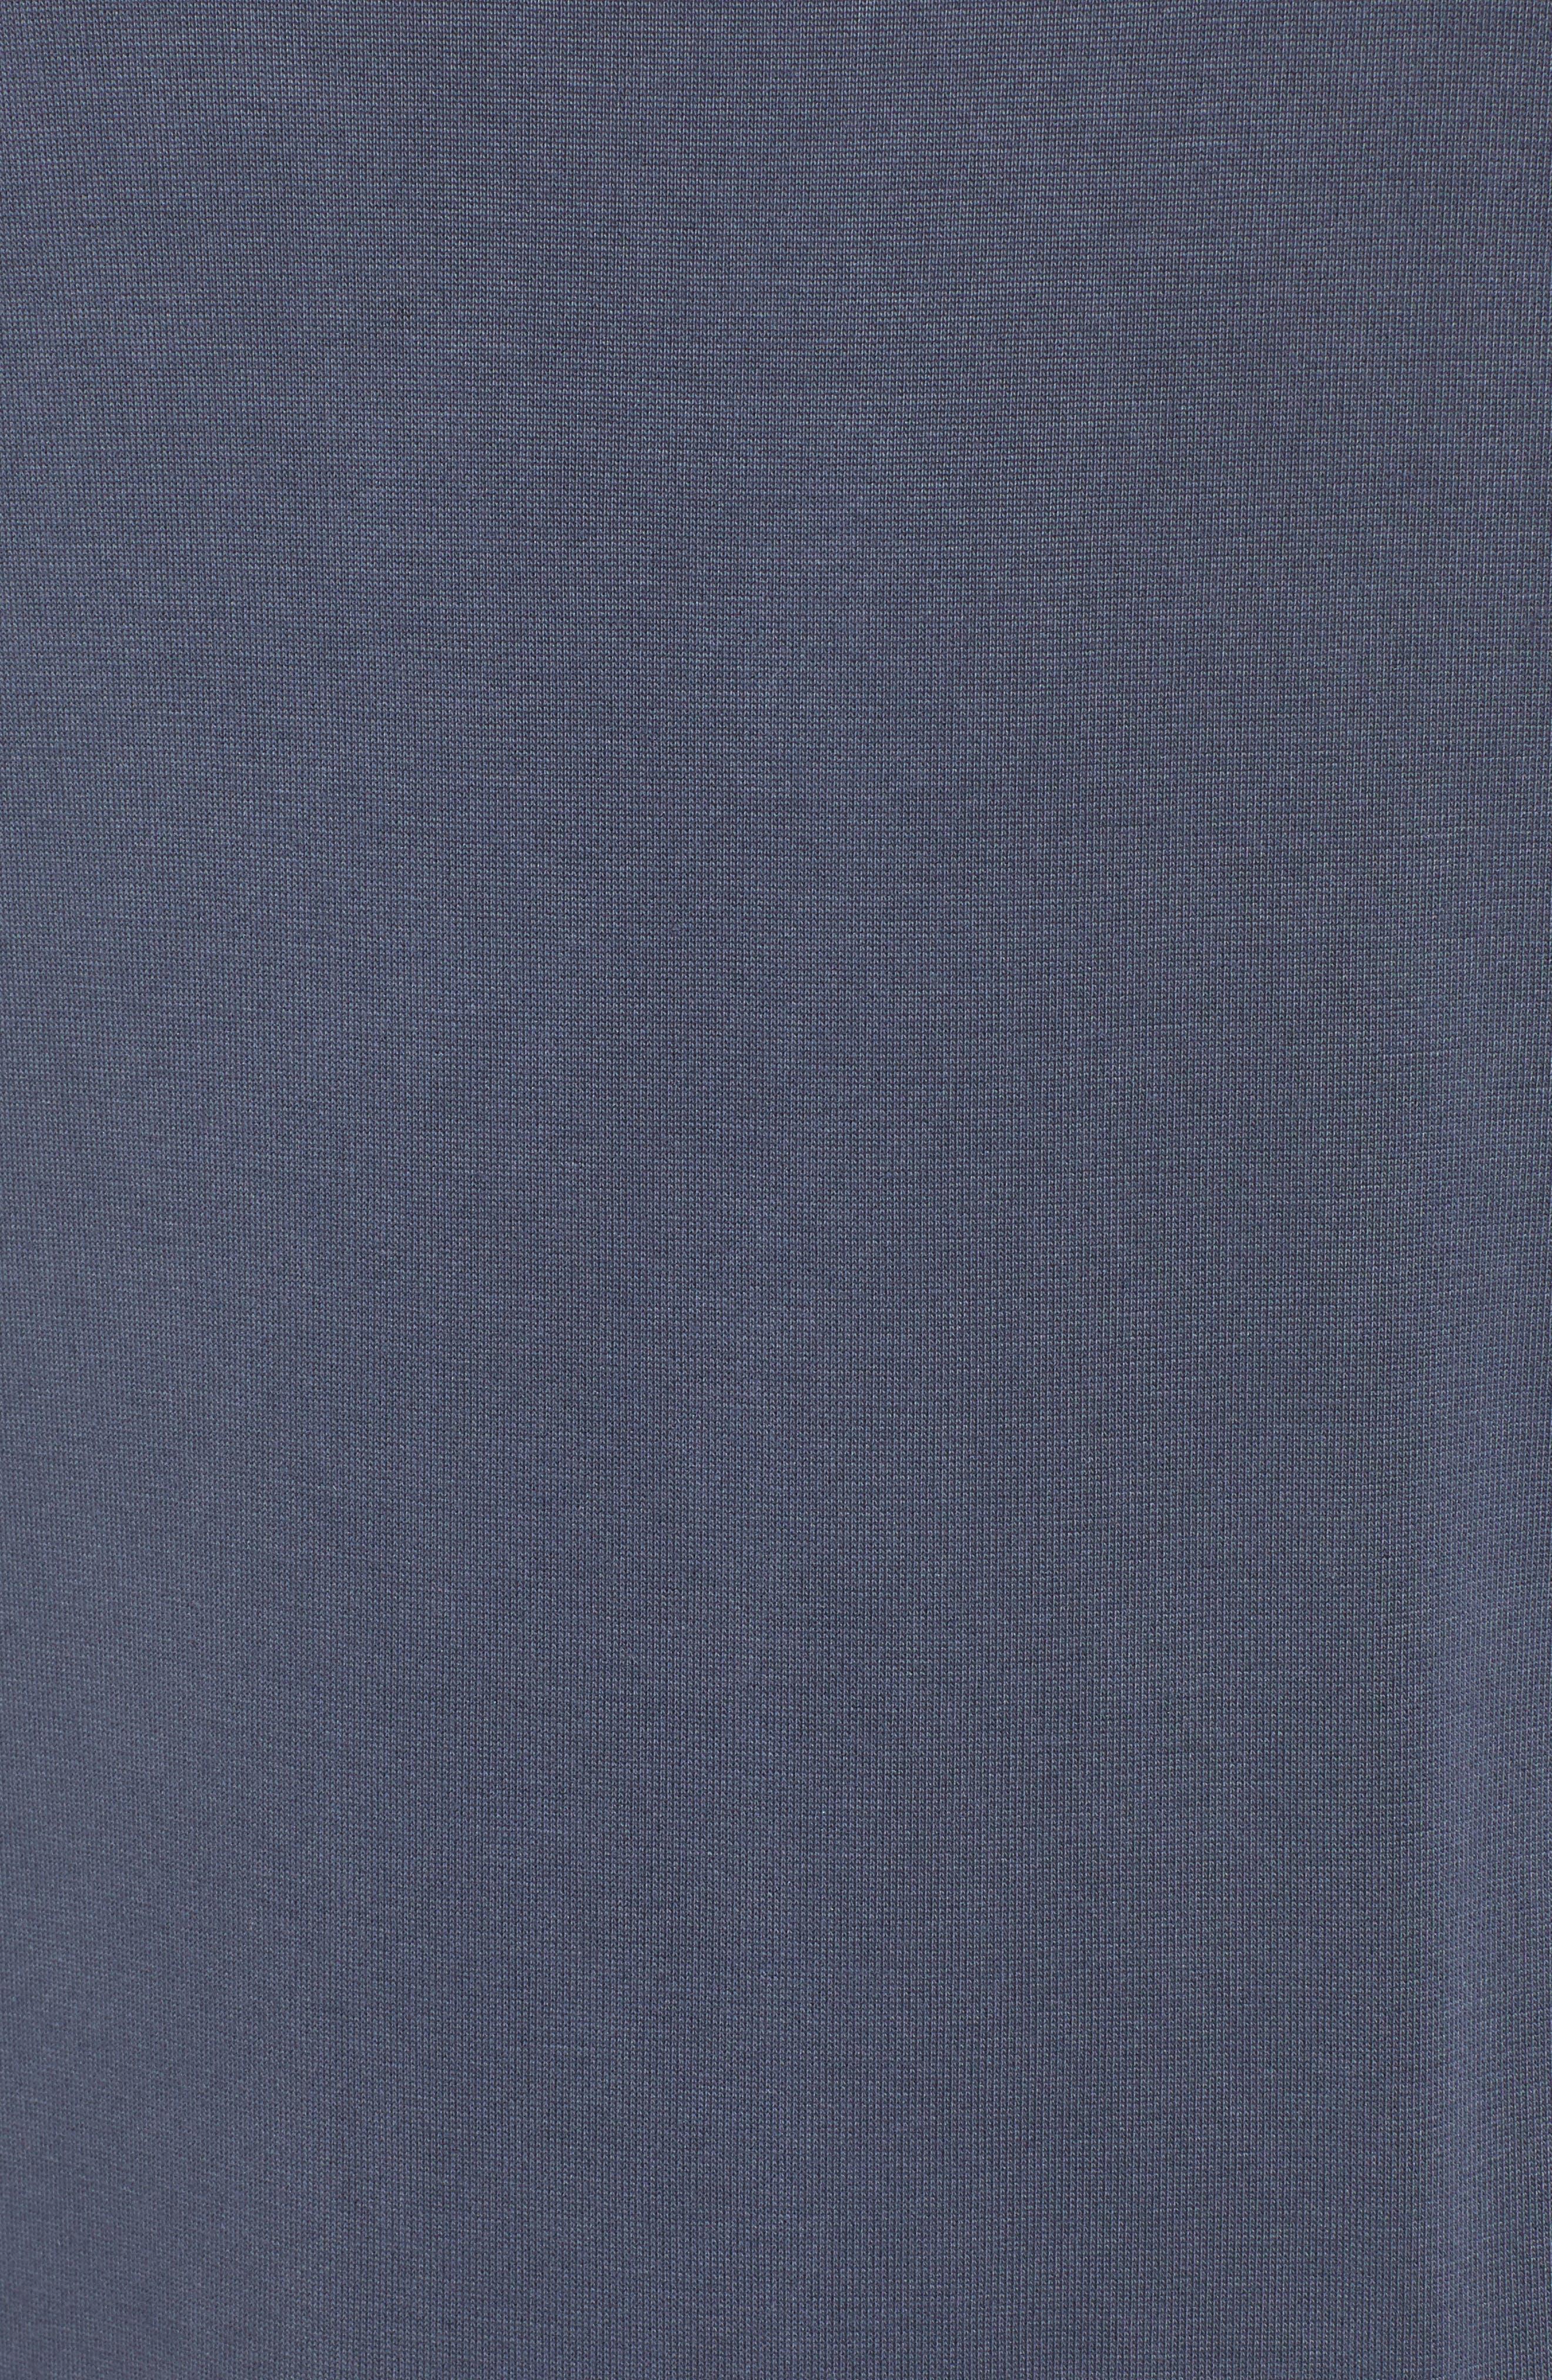 Tank Midi Dress,                             Alternate thumbnail 6, color,                             030